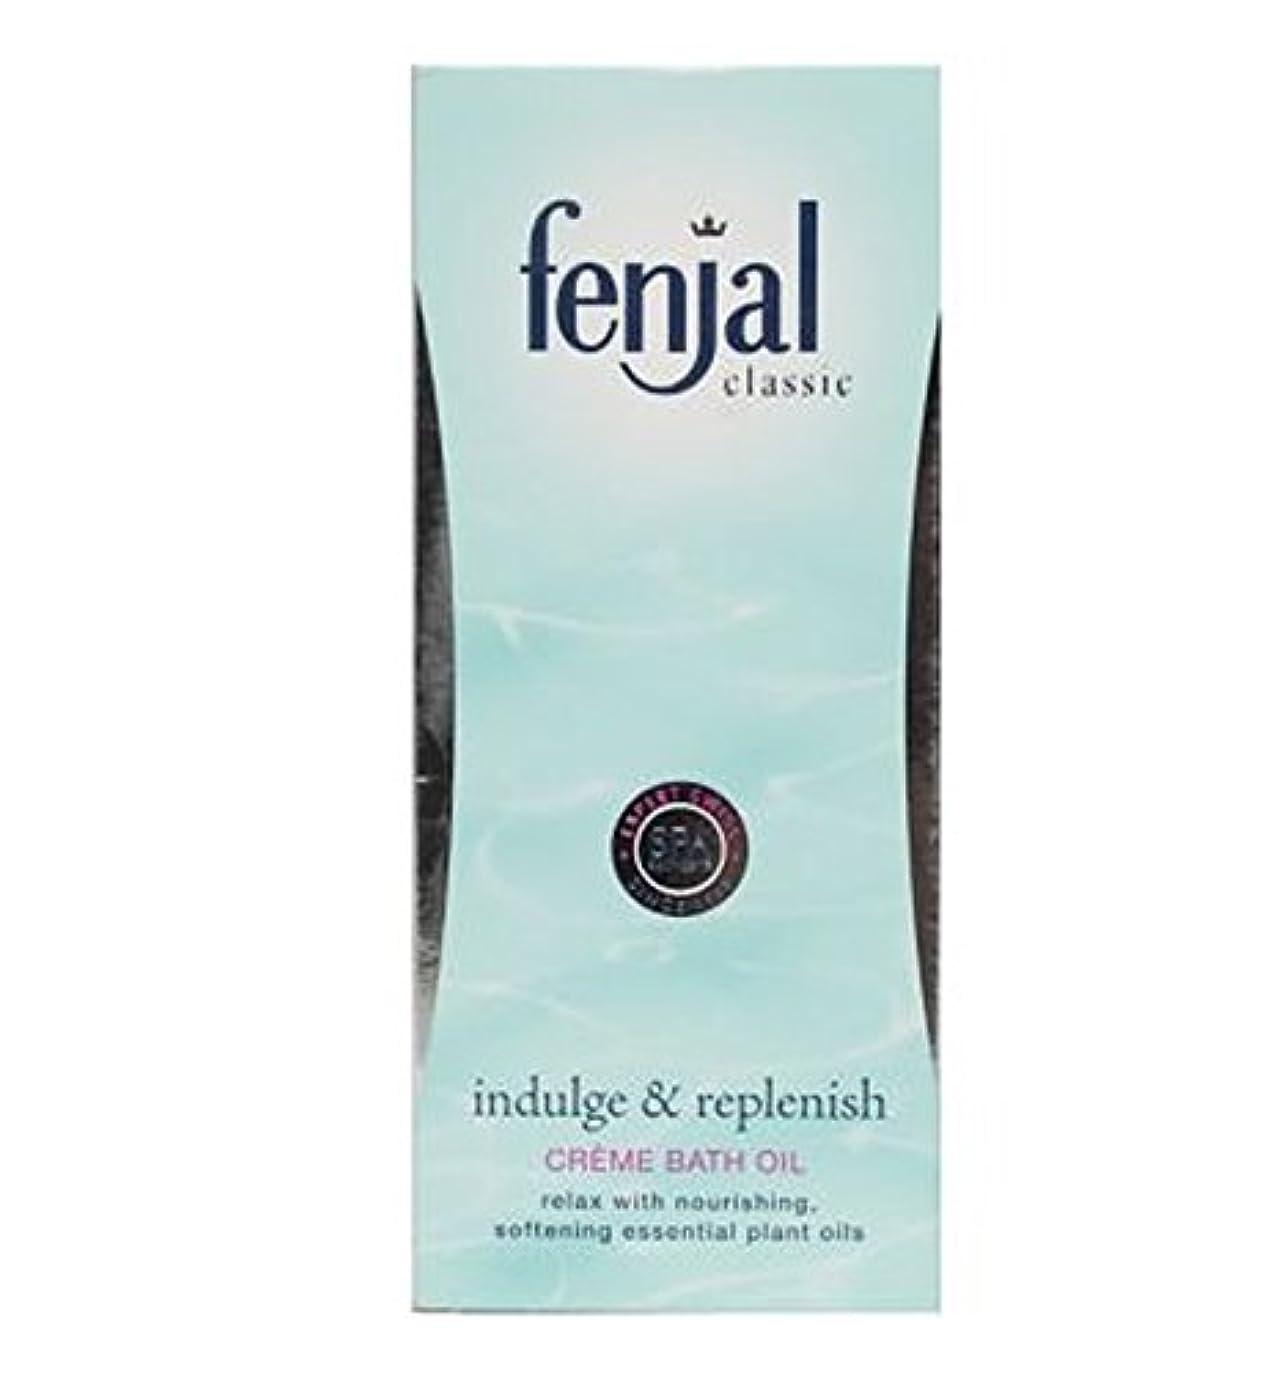 音楽家エントリ不機嫌Fenjal古典的な高級クリームバスオイル125ミリリットル (Fenjal) (x2) - Fenjal Classic Luxury Creme Bath Oil 125 ml (Pack of 2) [並行輸入品]